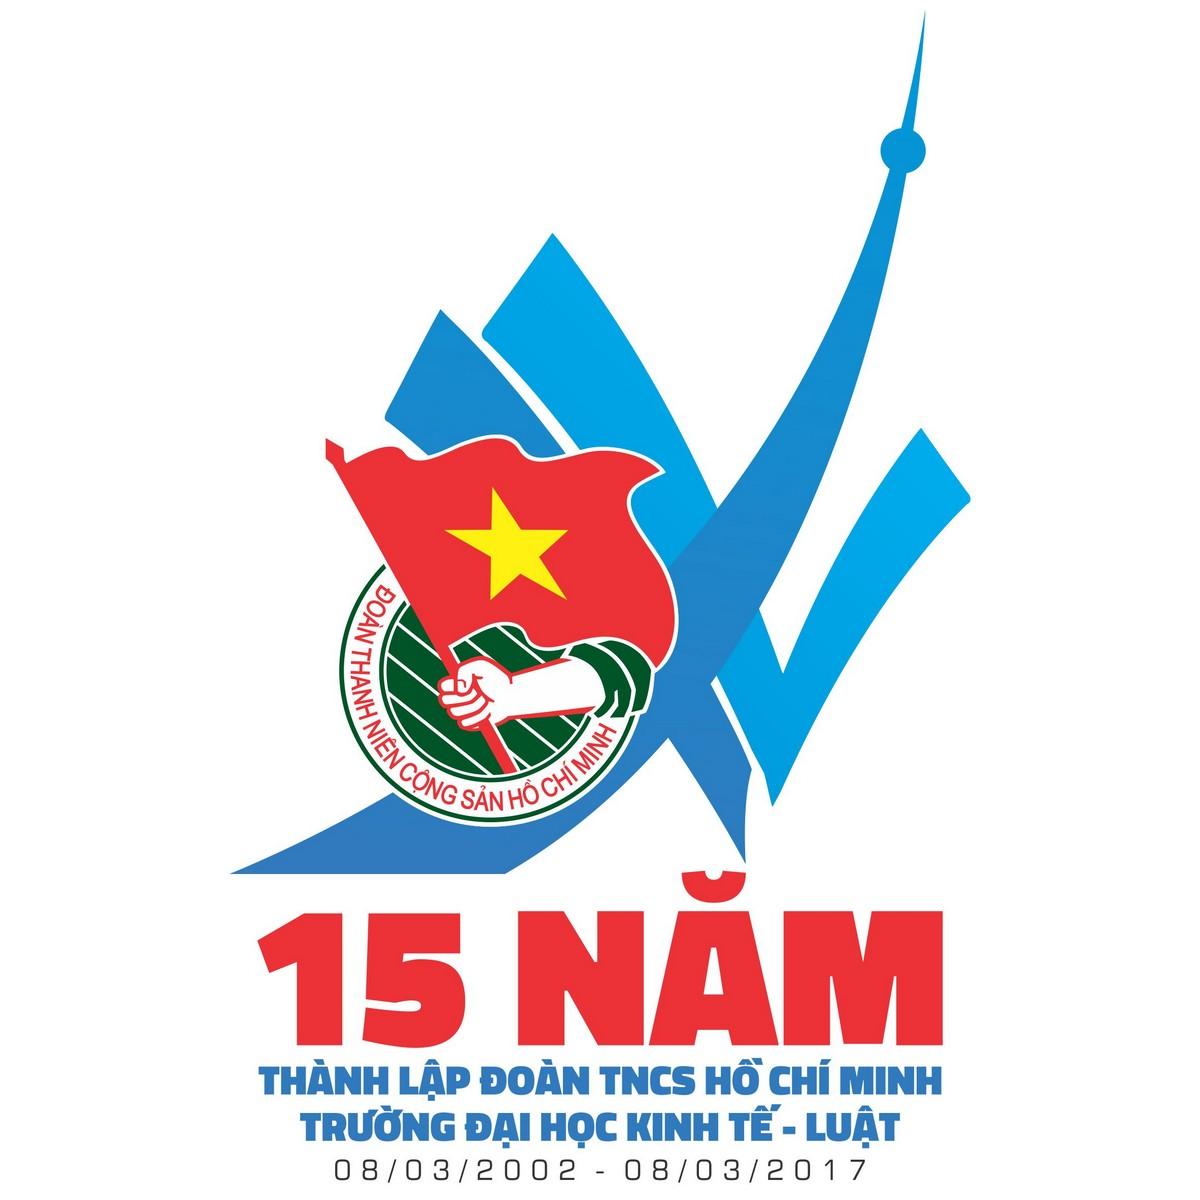 Hình ảnh logo kỷ niệm đoàn thanh niên